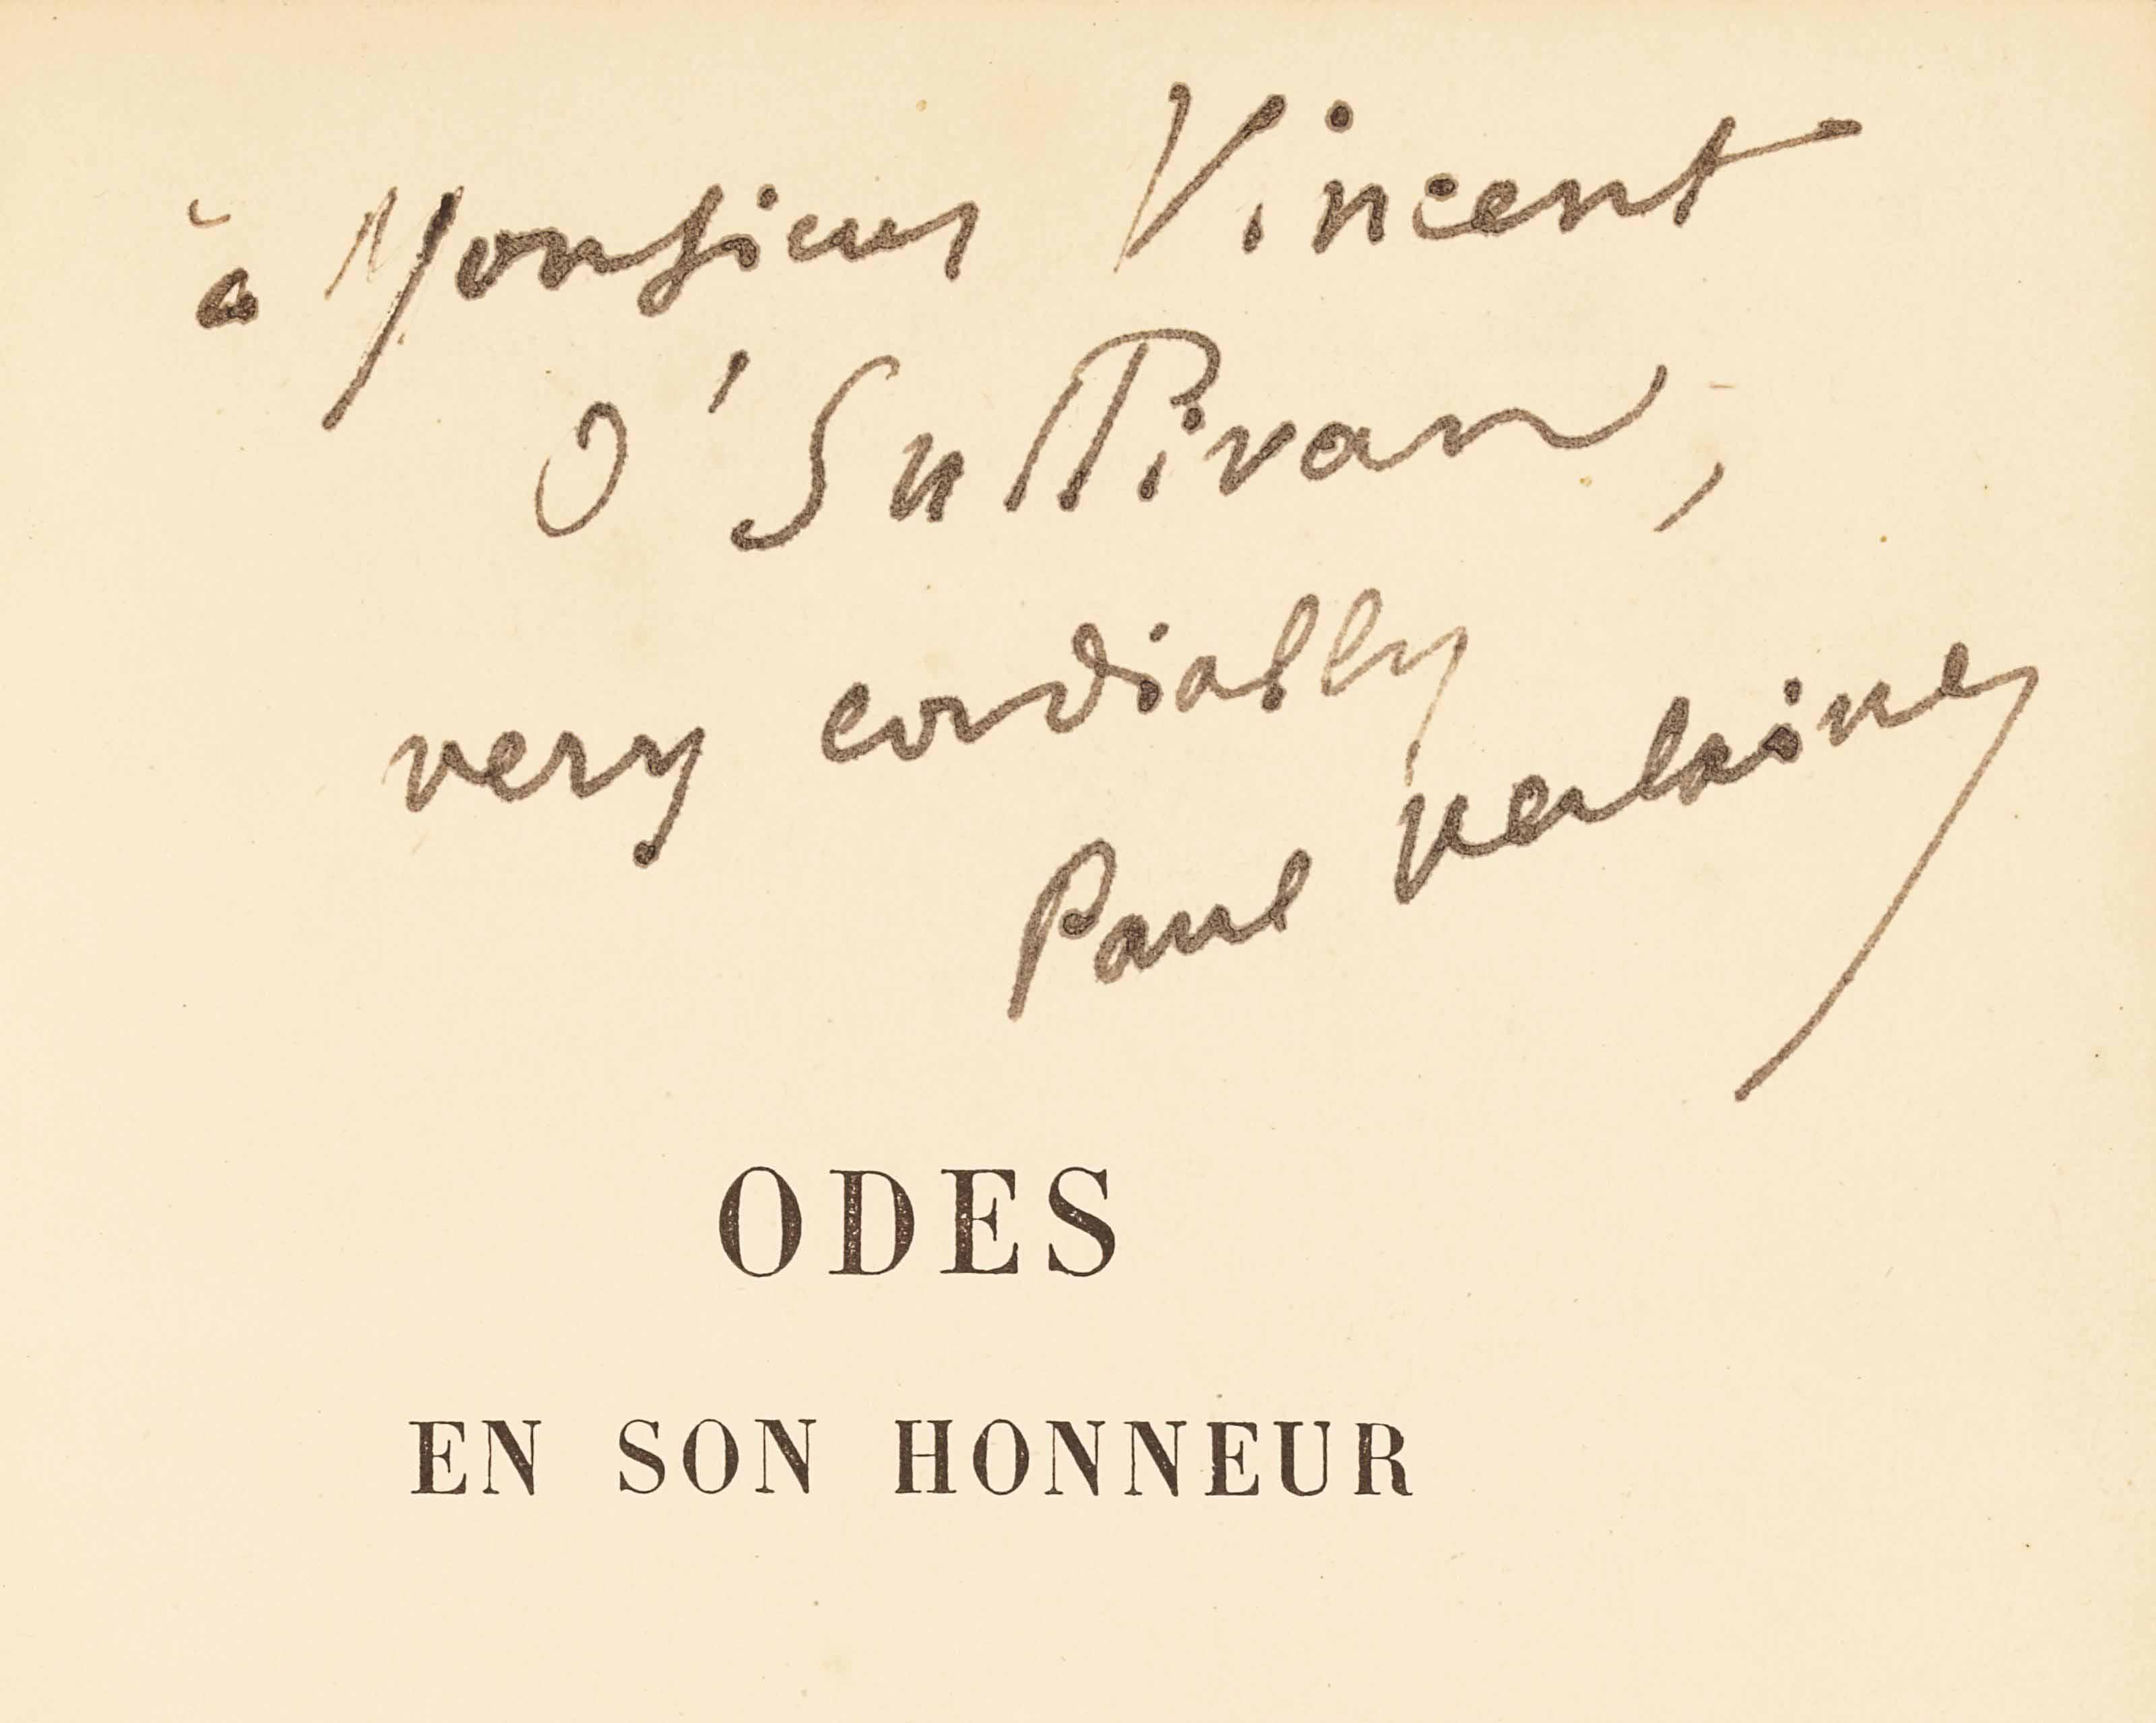 Paul VERLAINE. Odes en son honneur. Paris: Léon Vanier, 1893. In-12 (182 x 114 mm). Demi-maroquin brun à coins signé Morrell Binder, dos à nerfs, tête dorée, non rogné.